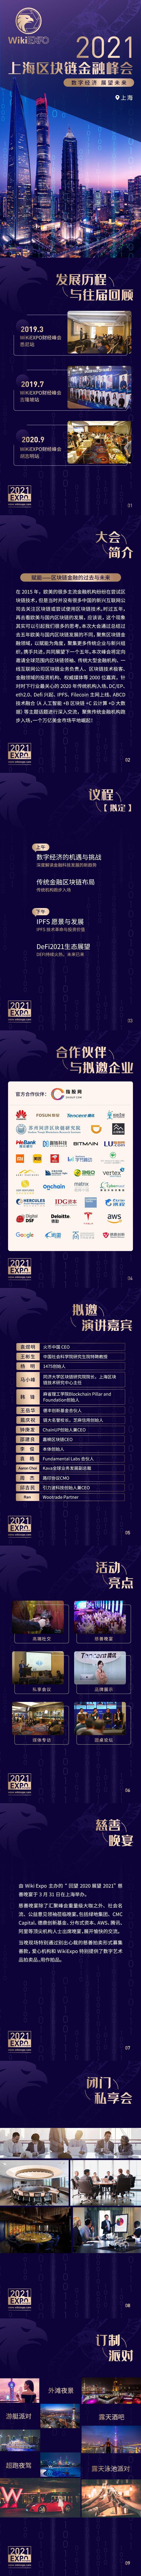 《上海区块链金融峰会》.jpg